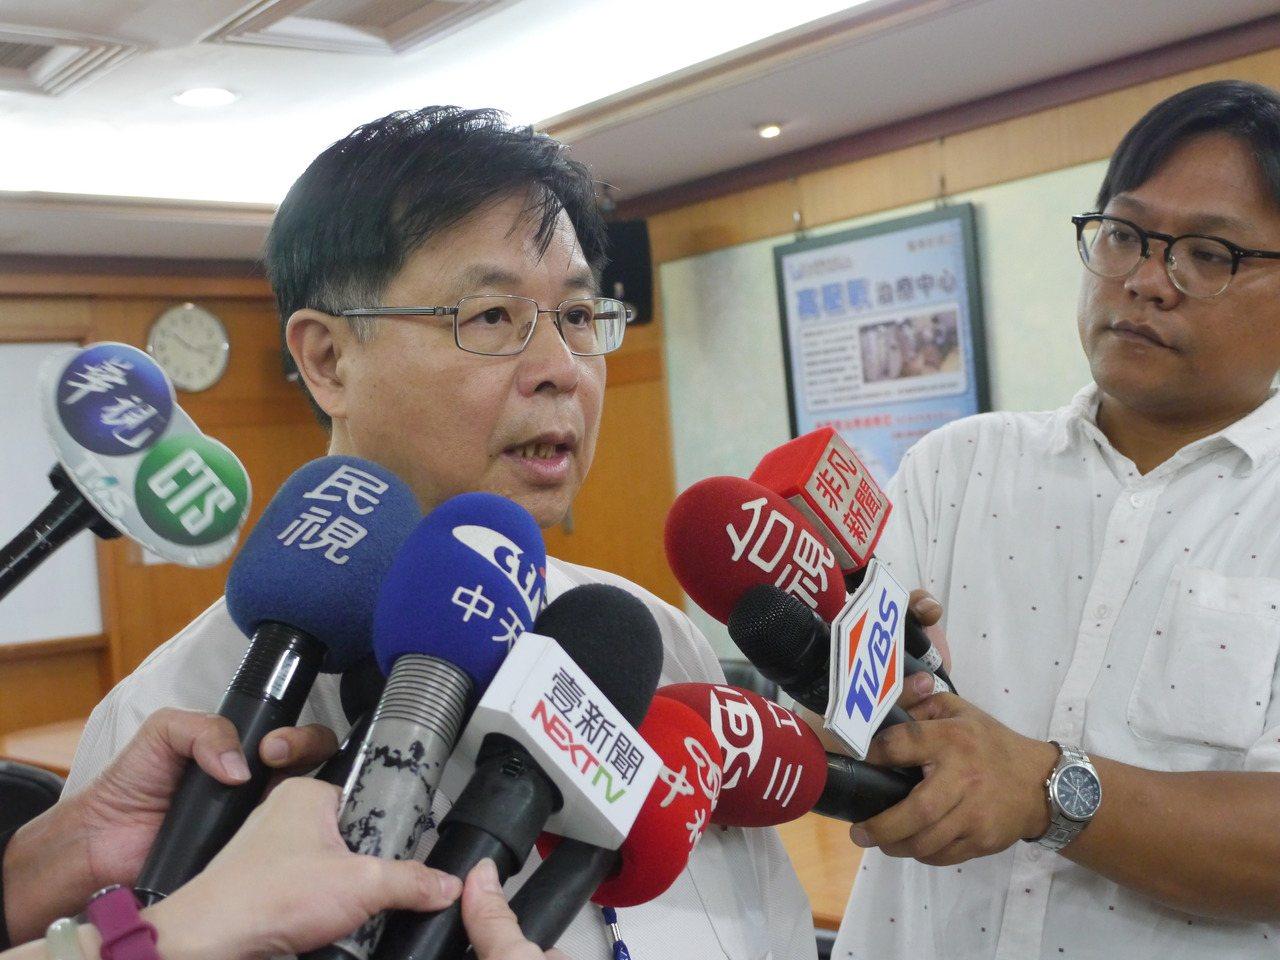 義大醫院發言人陳文旭表示,女嬰情況穩定,但血壓偏低。記者徐白櫻/攝影